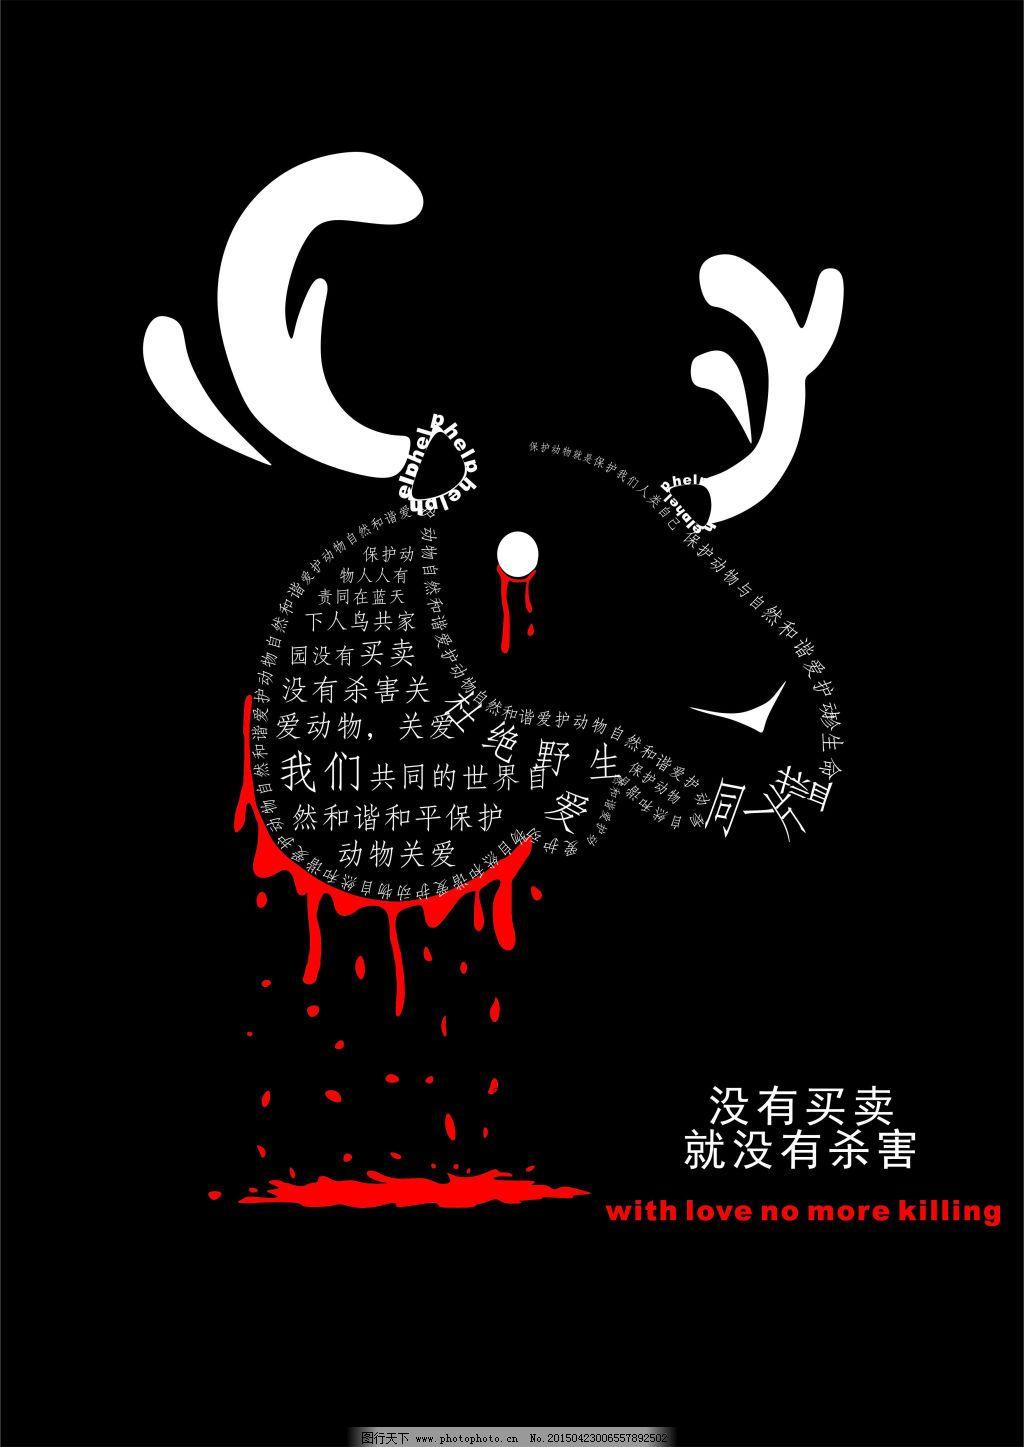 保护动物_环保公益海报_海报设计_图行天下图库